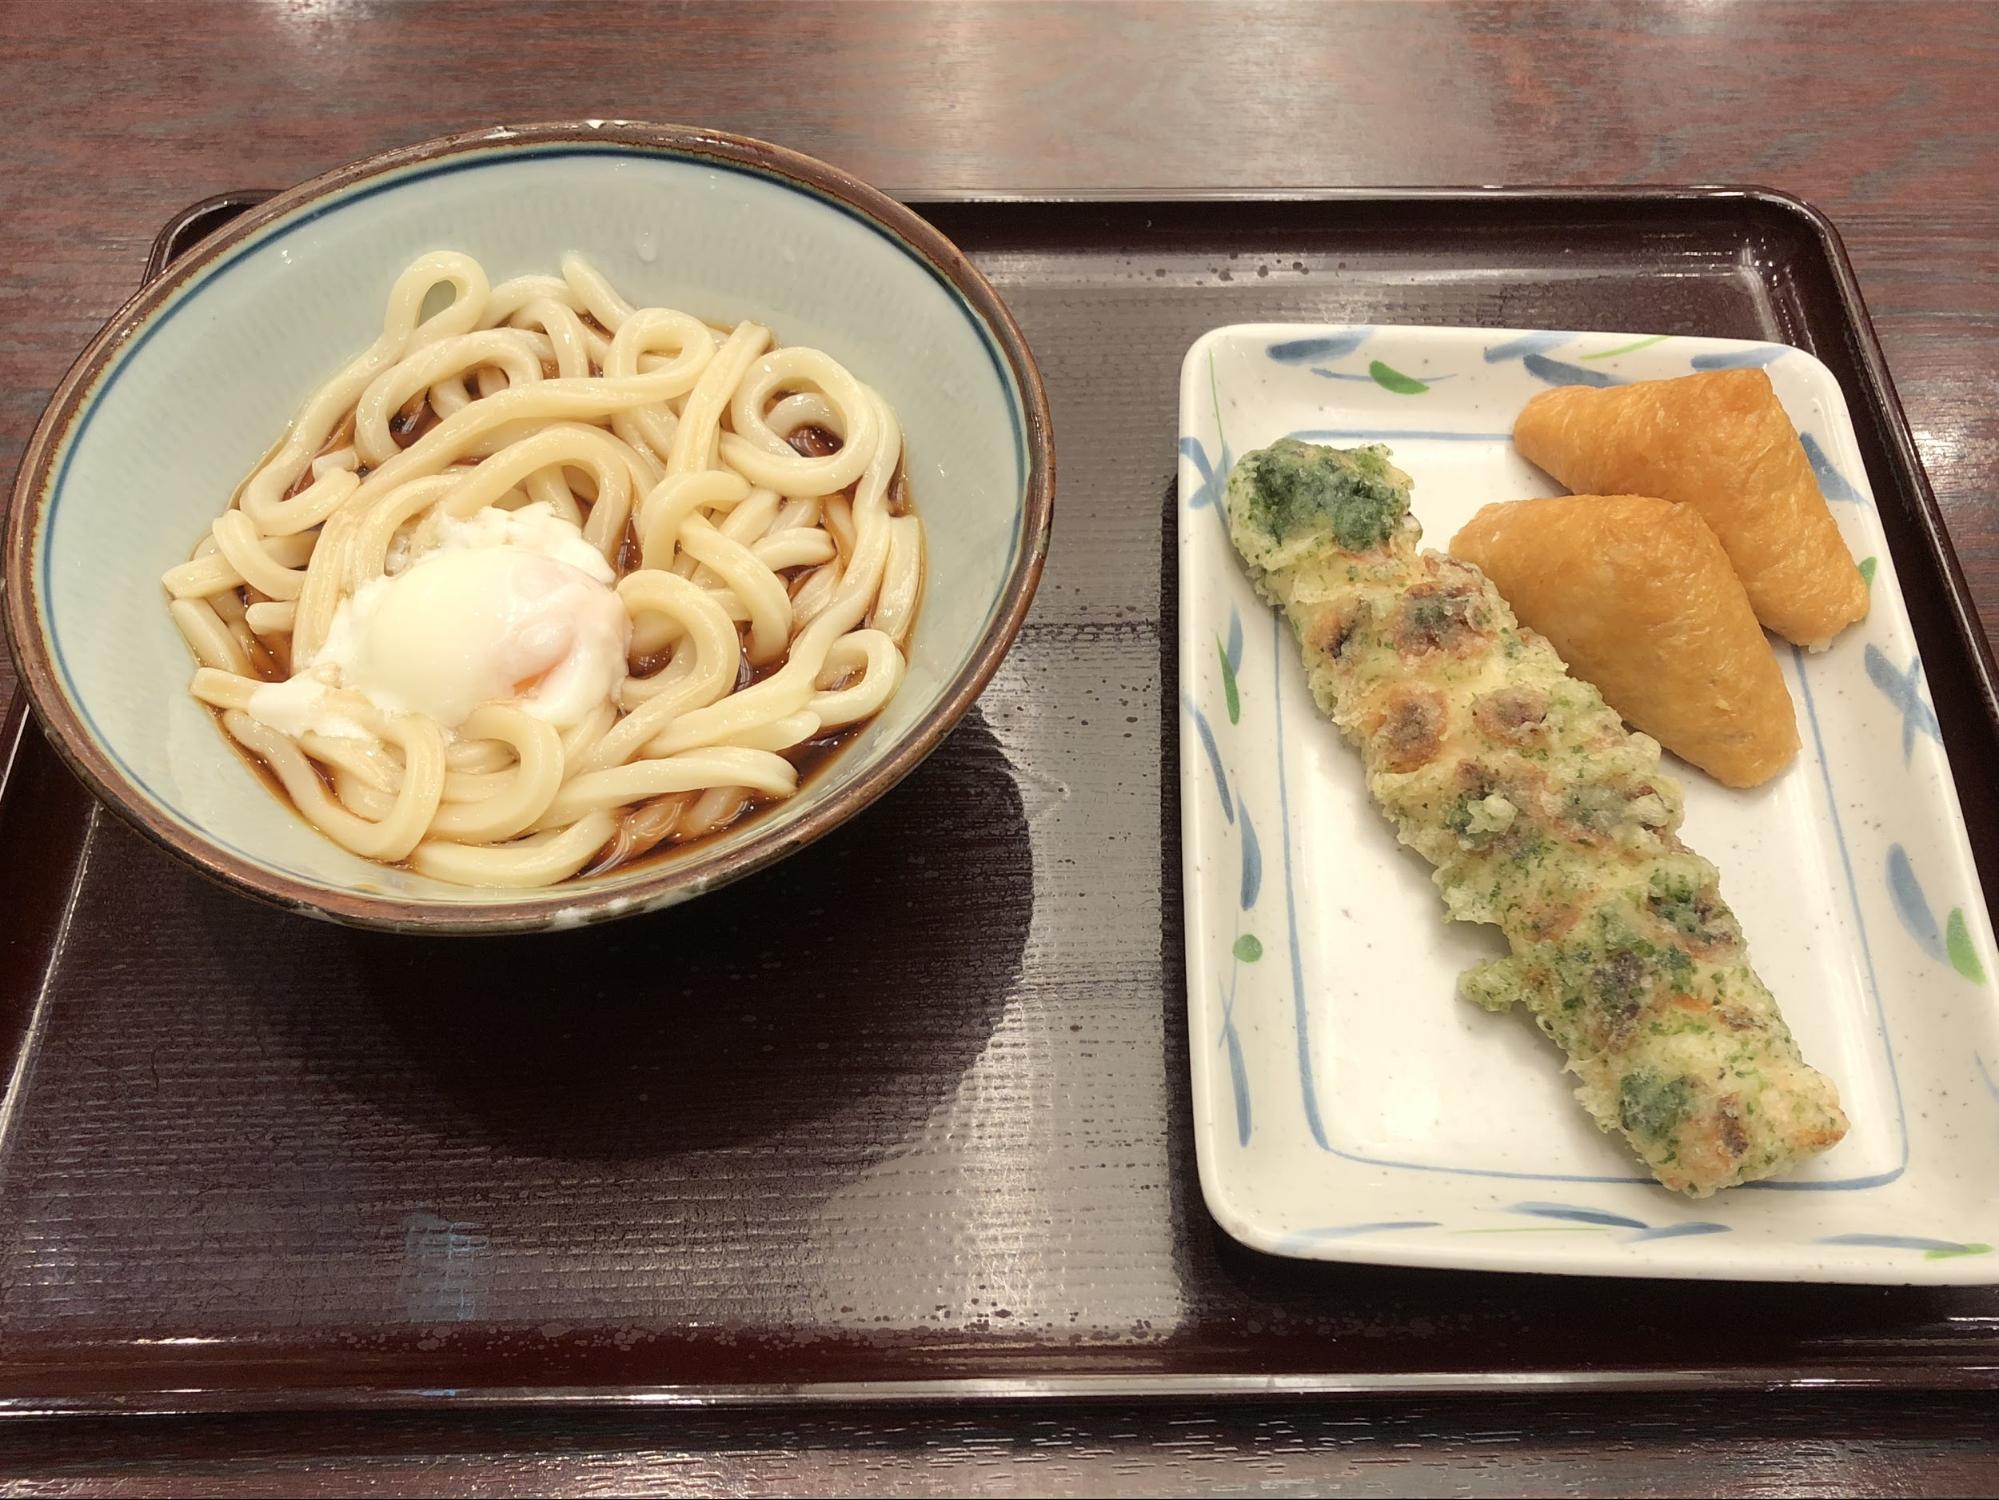 東京駅でコスパの良い朝ごはんが食べられるお店4選!